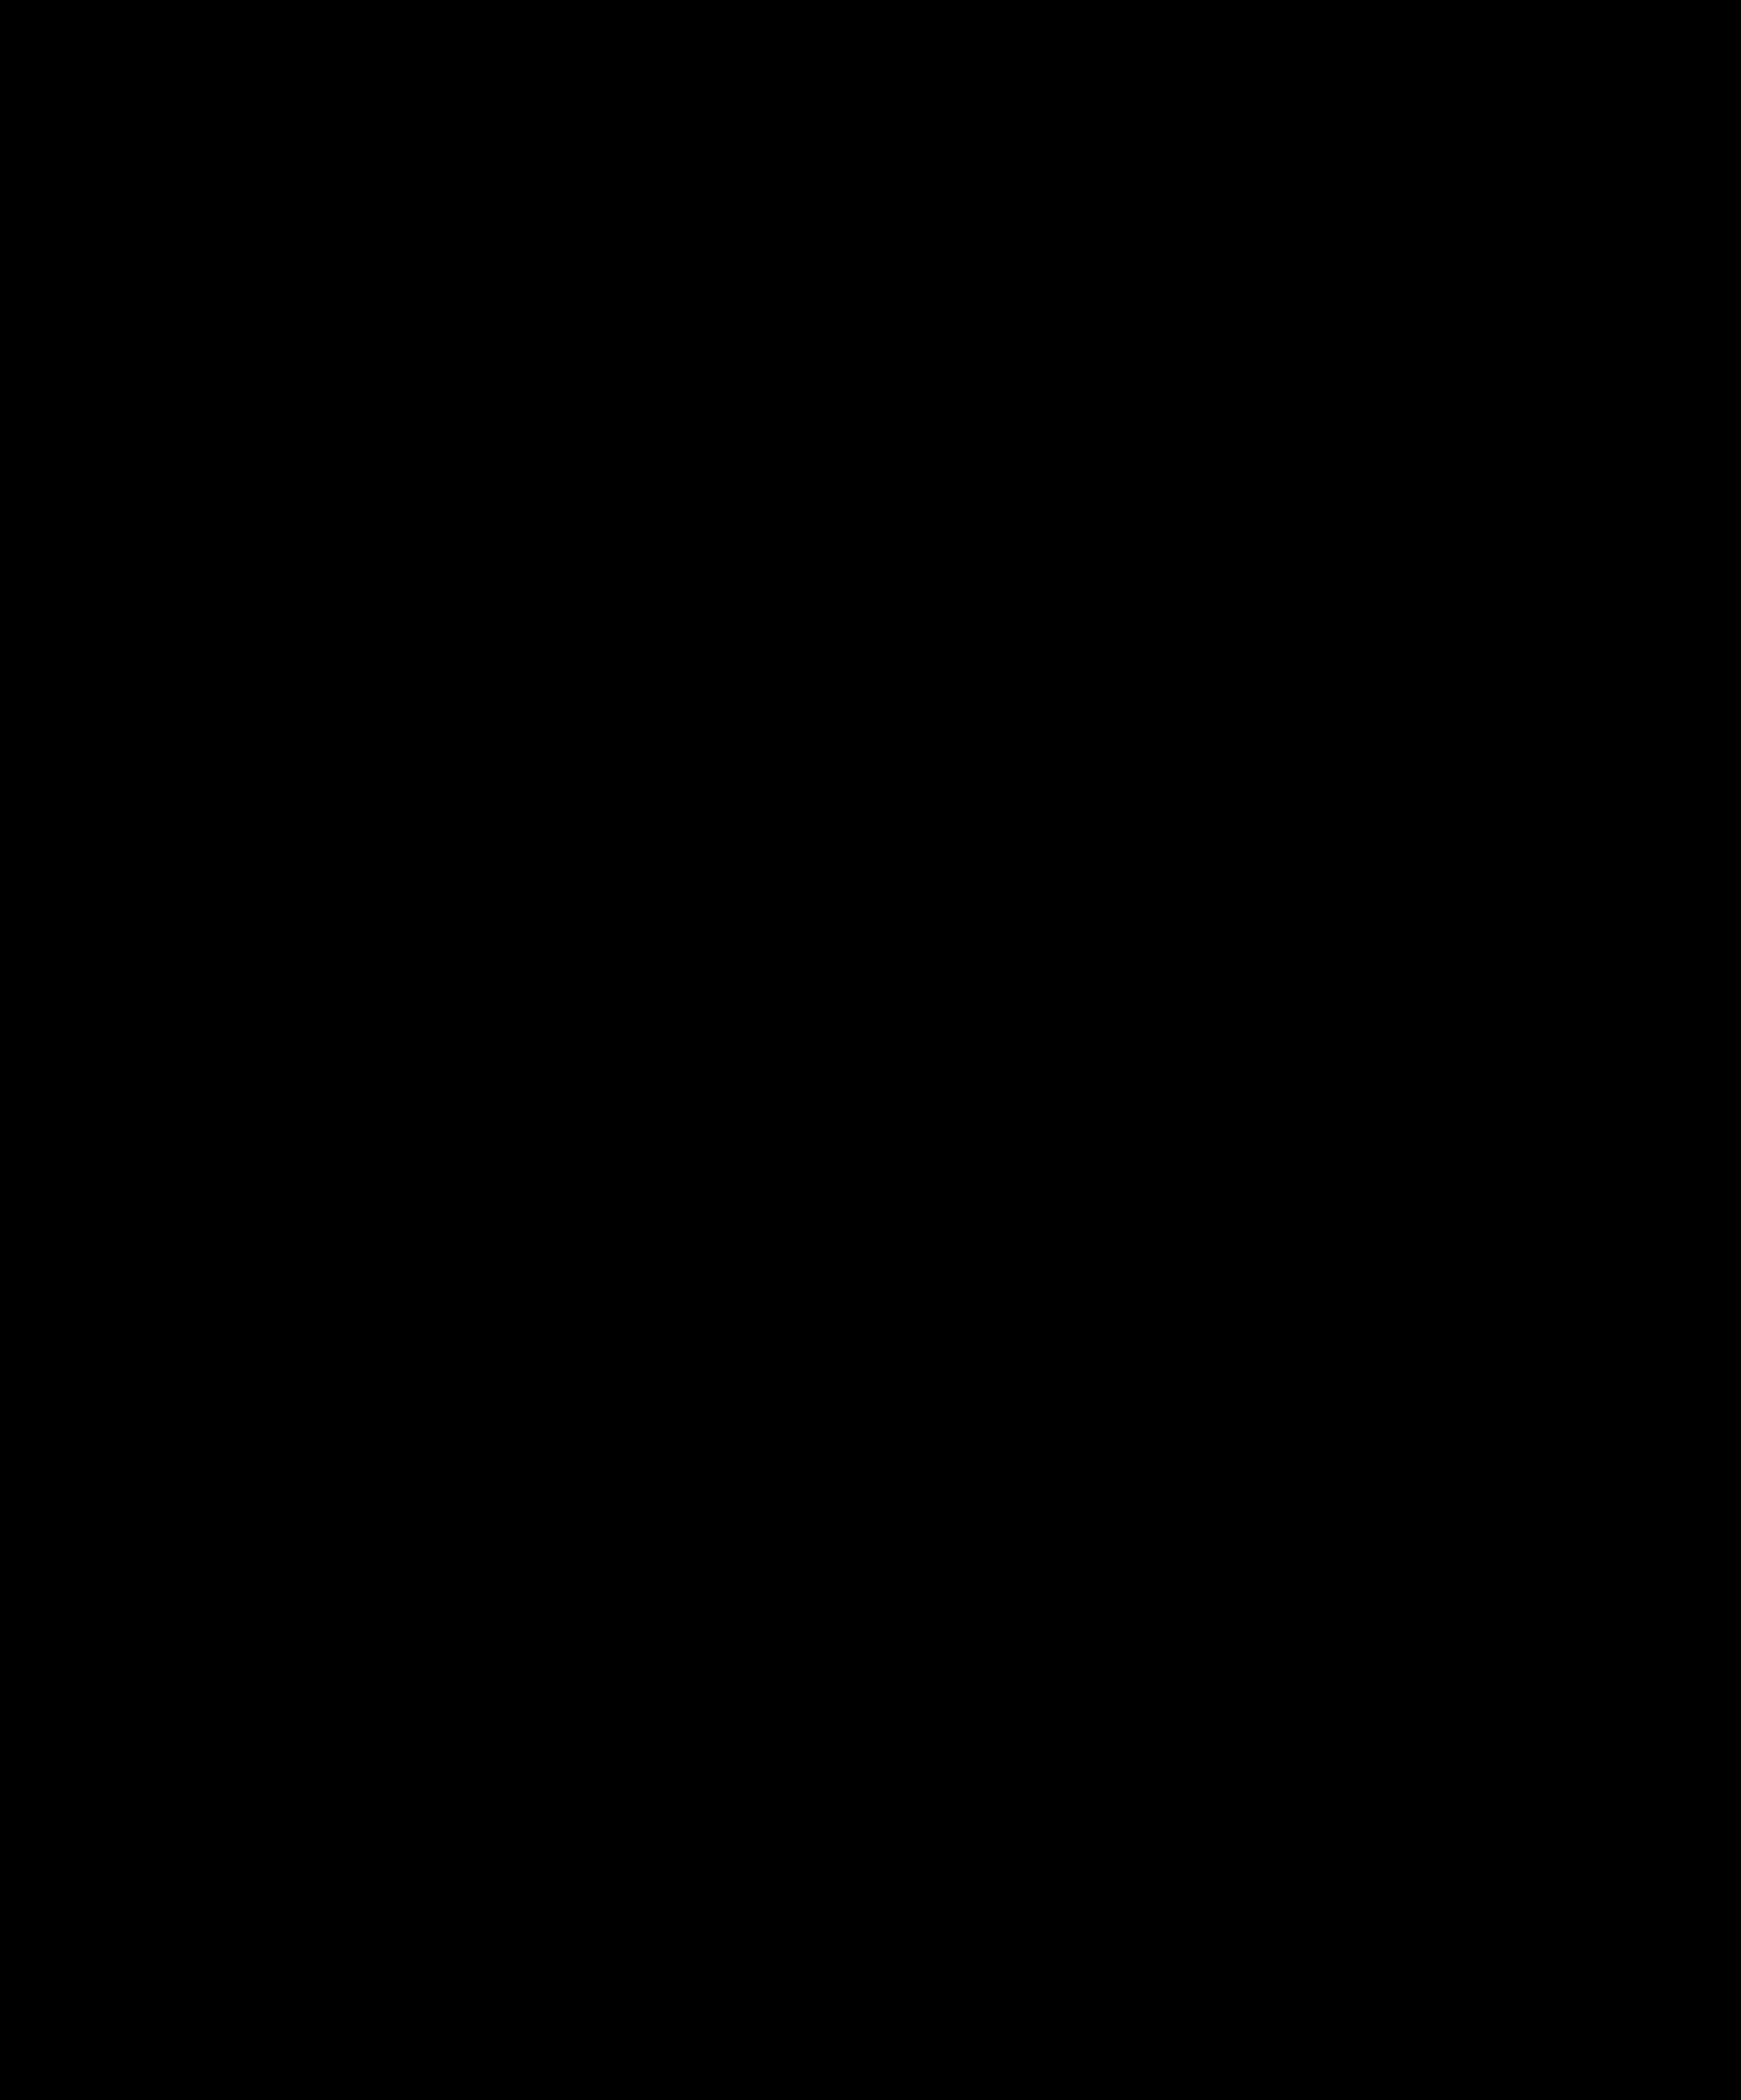 oznaczenia plastiku 03 PVC